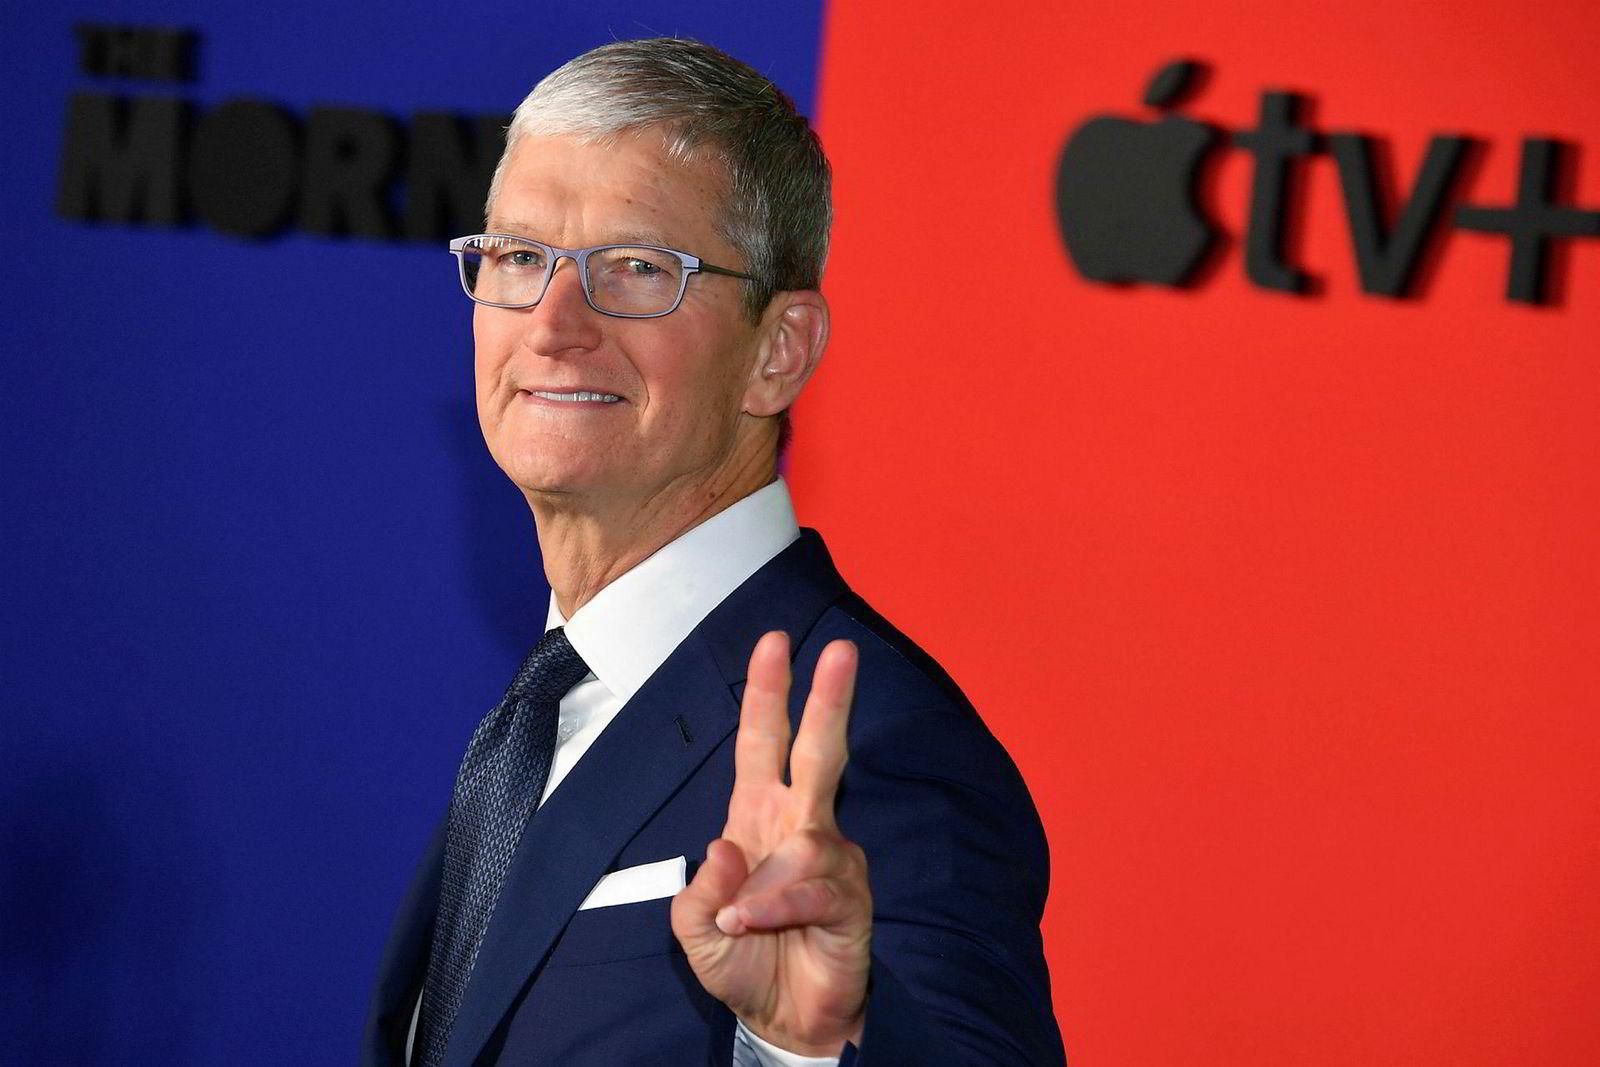 Toppsjef i Apple Tim Cook. Han tok over etter grunnlegger Steve Jobs' død i 2011. Han har jobbet i selskapet siden 1998.